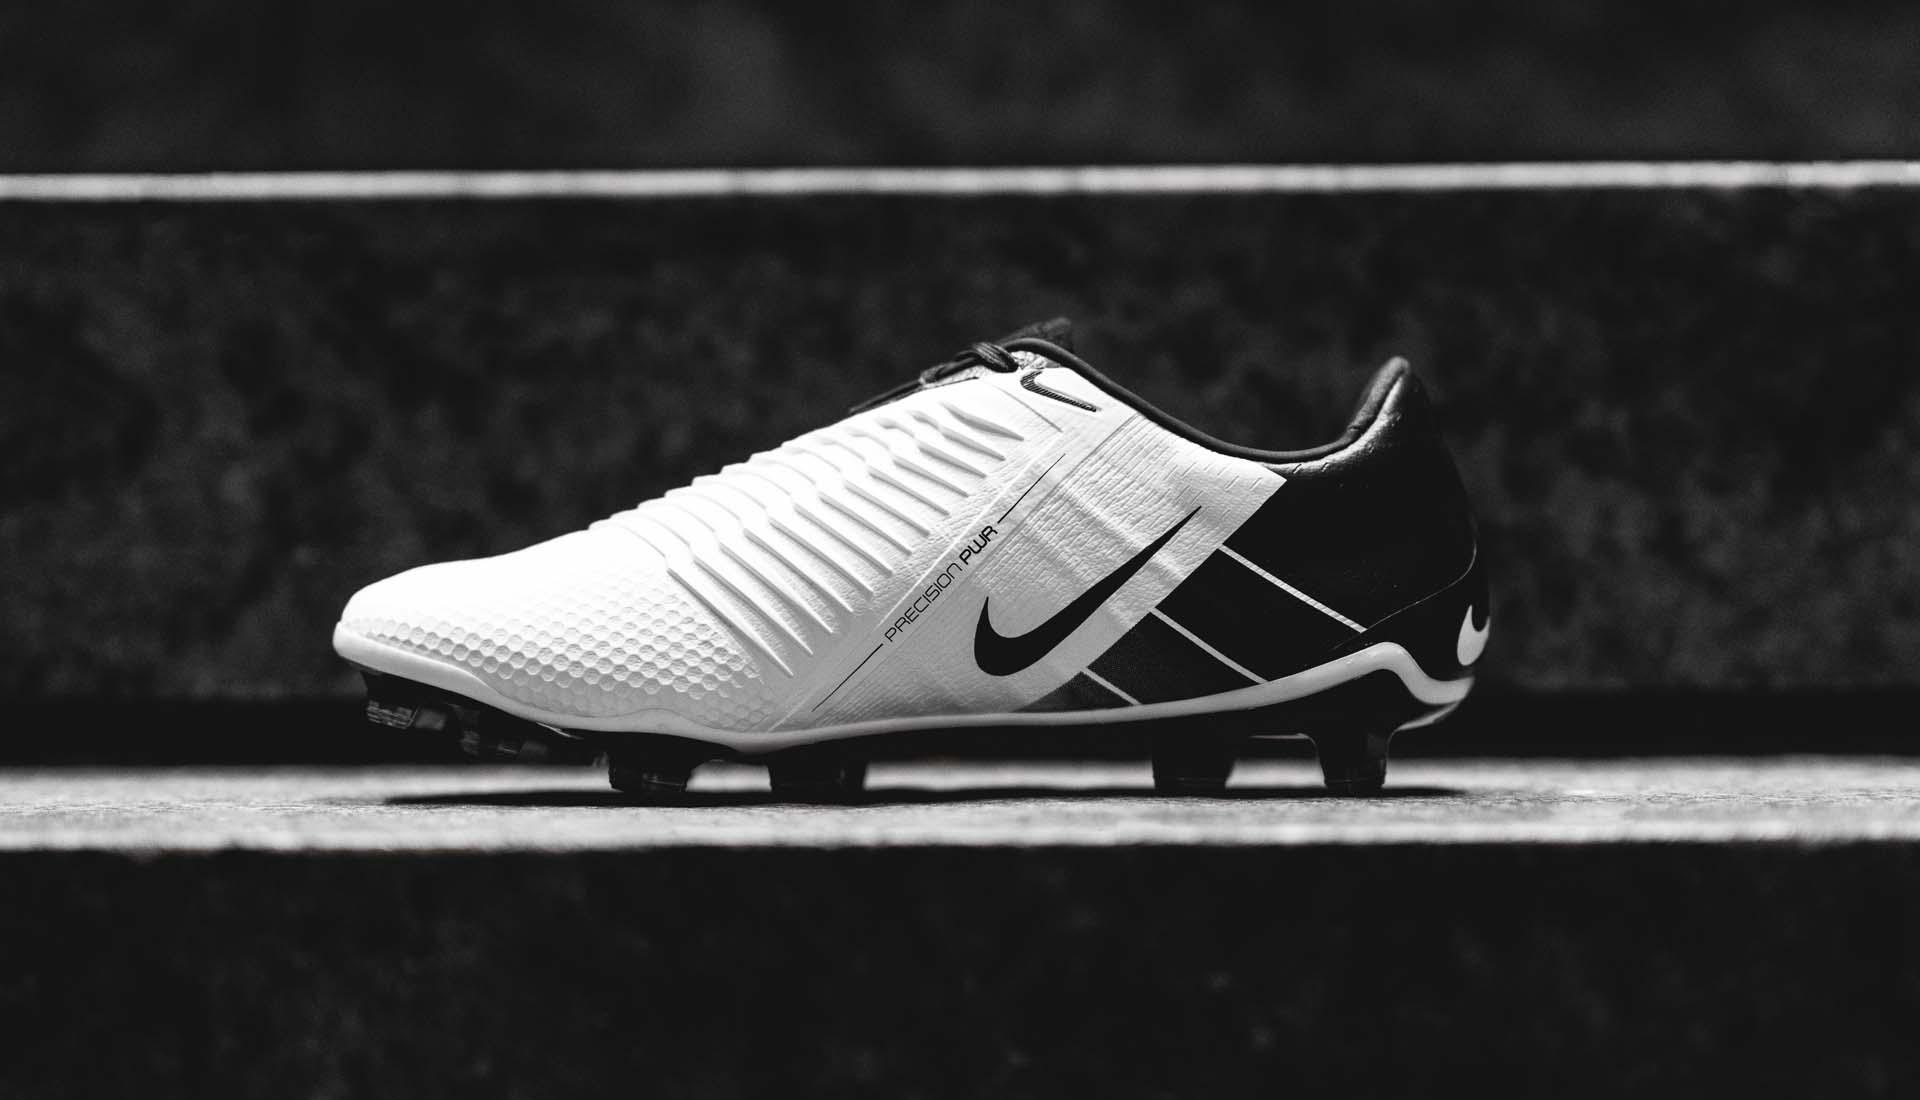 Hãy chú ý trên chân các tiền đạo hàng đầu bạn sẽ thấy họ sử dụng Nike Phantom VNM